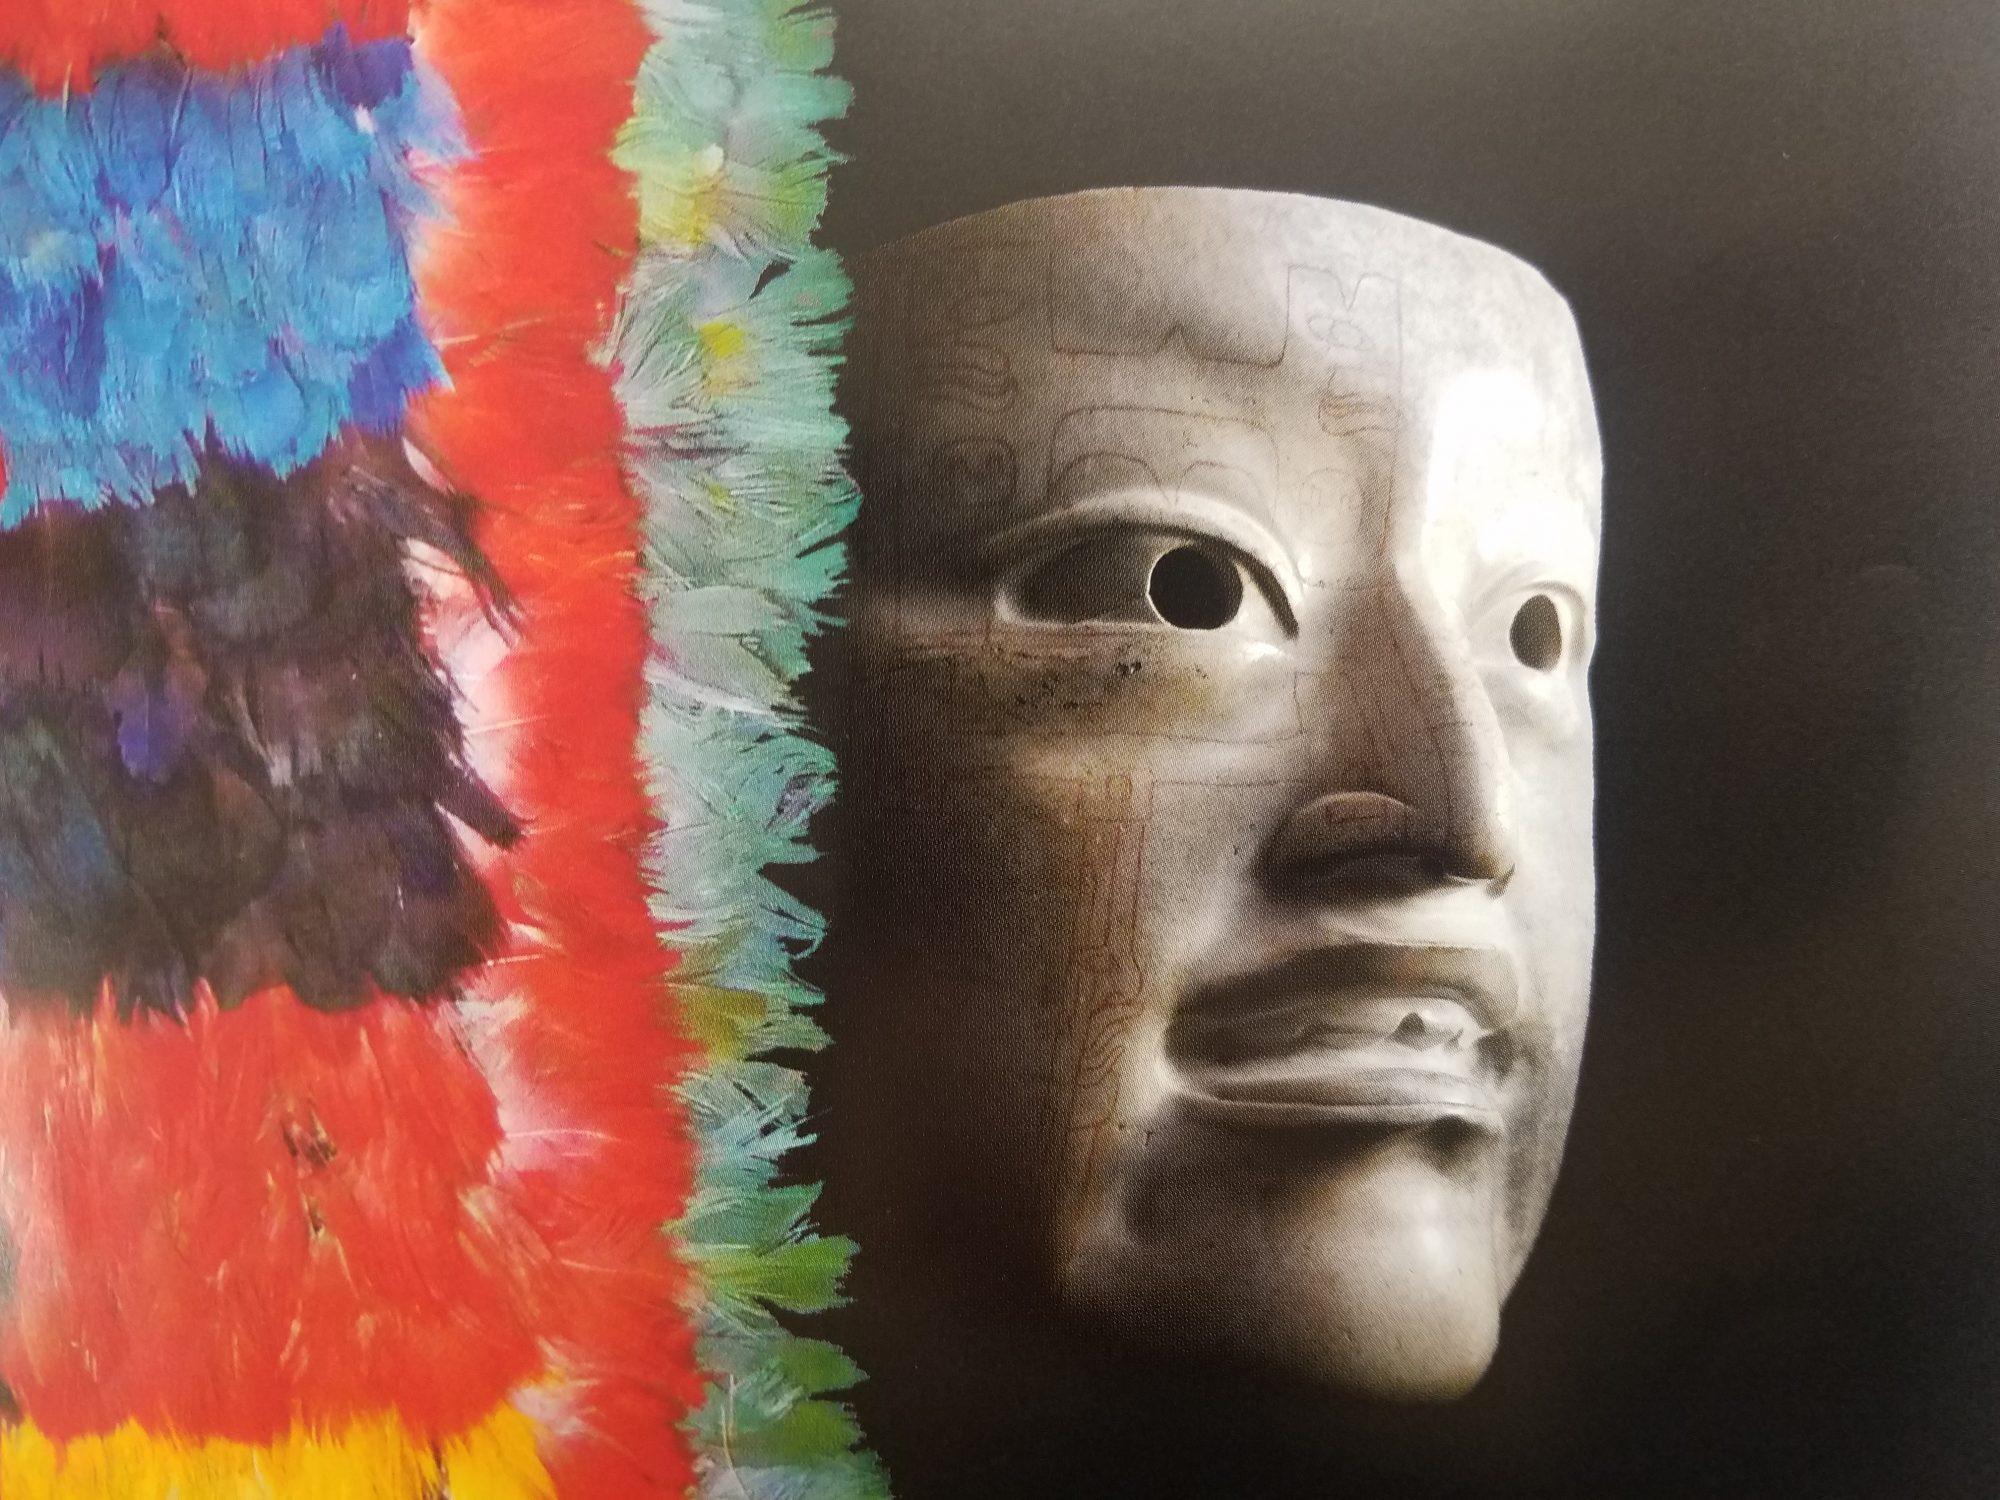 【9/8~10/8】秋季特別展!アメリカ古代文明15世紀の文化を知ろう!